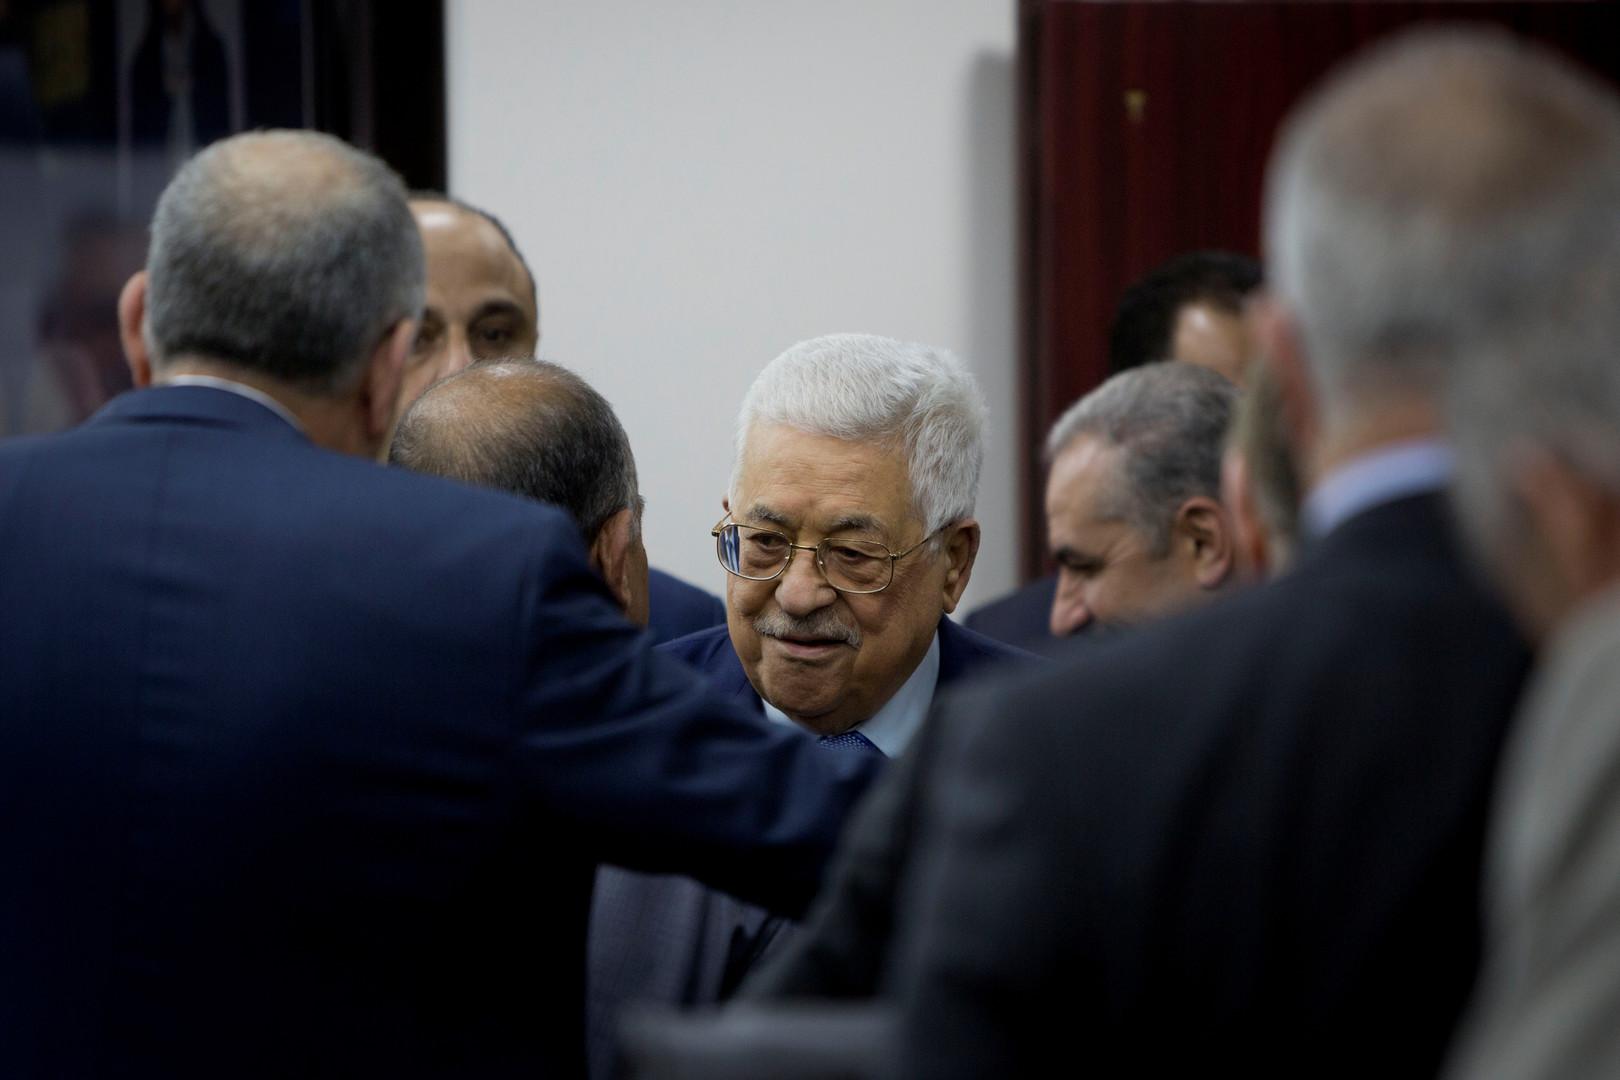 الجيش الإسرائيلي يحذر: عباس لن يتراجع عن رفض